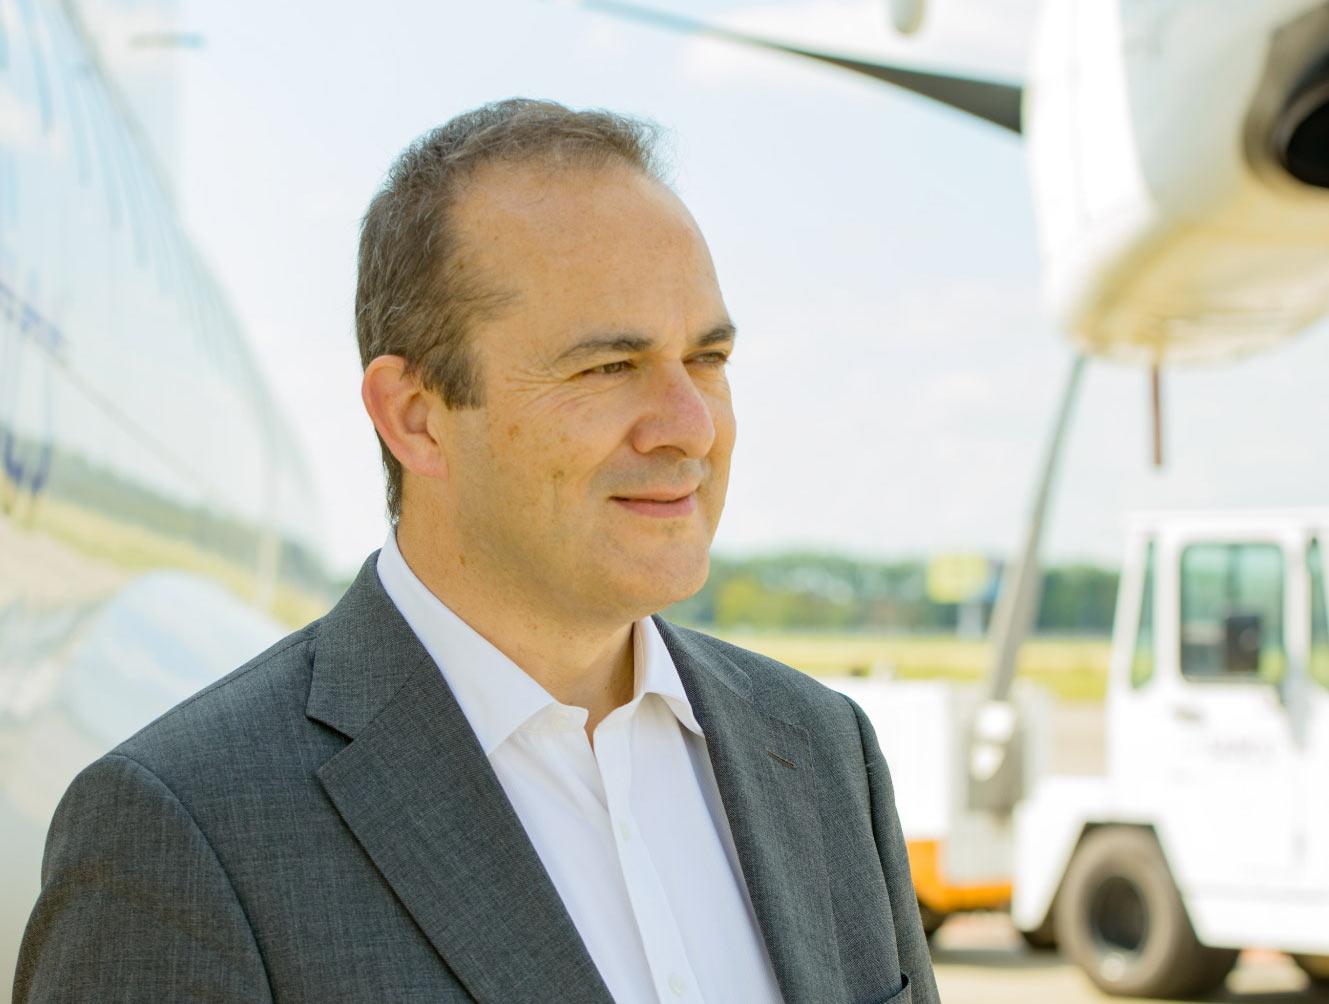 TrueNoord - Garry Topp - Chief Commercial Officer